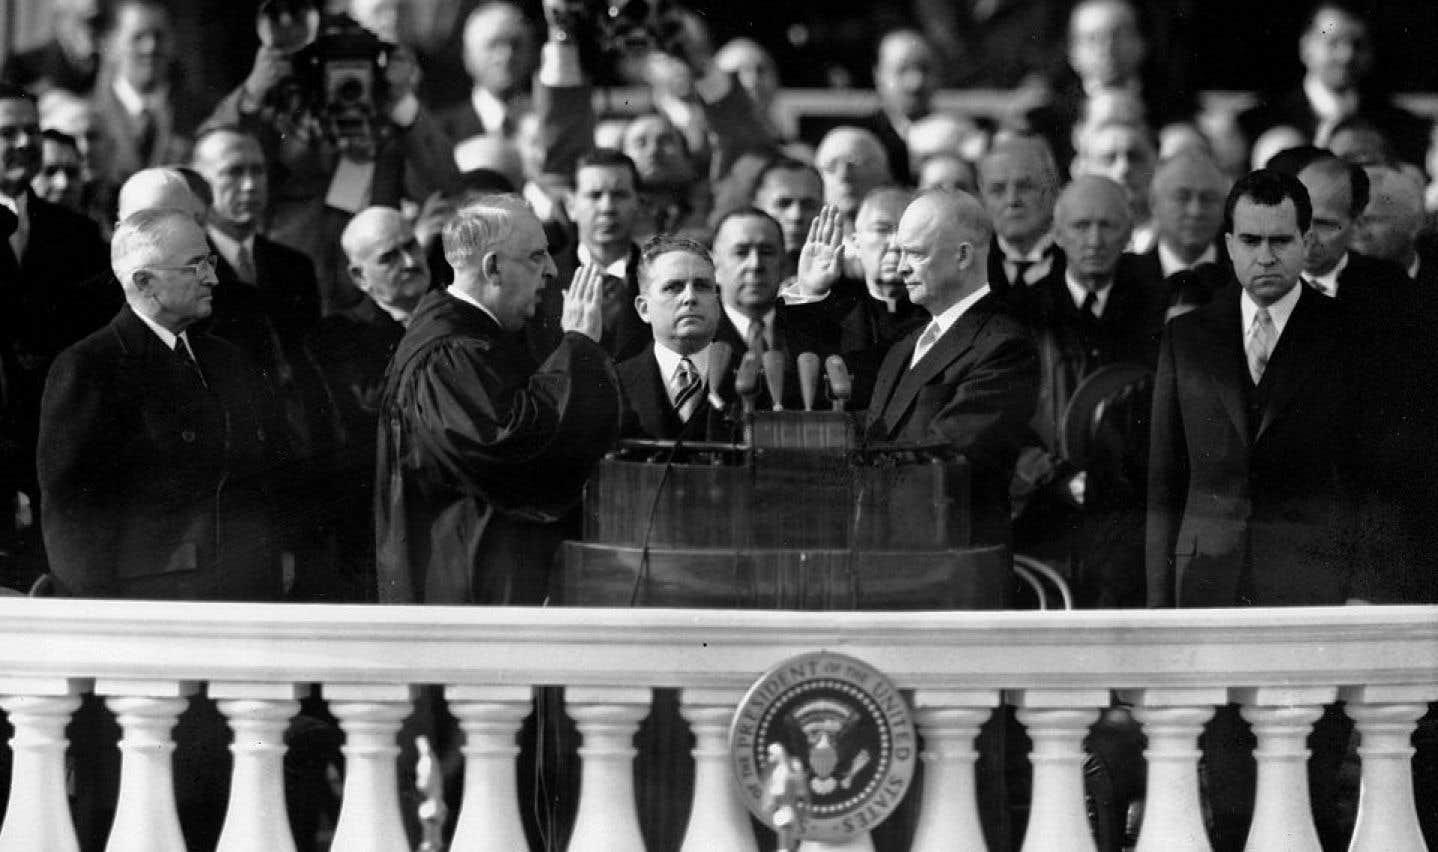 États-Unis: les intronisations dans l'histoire